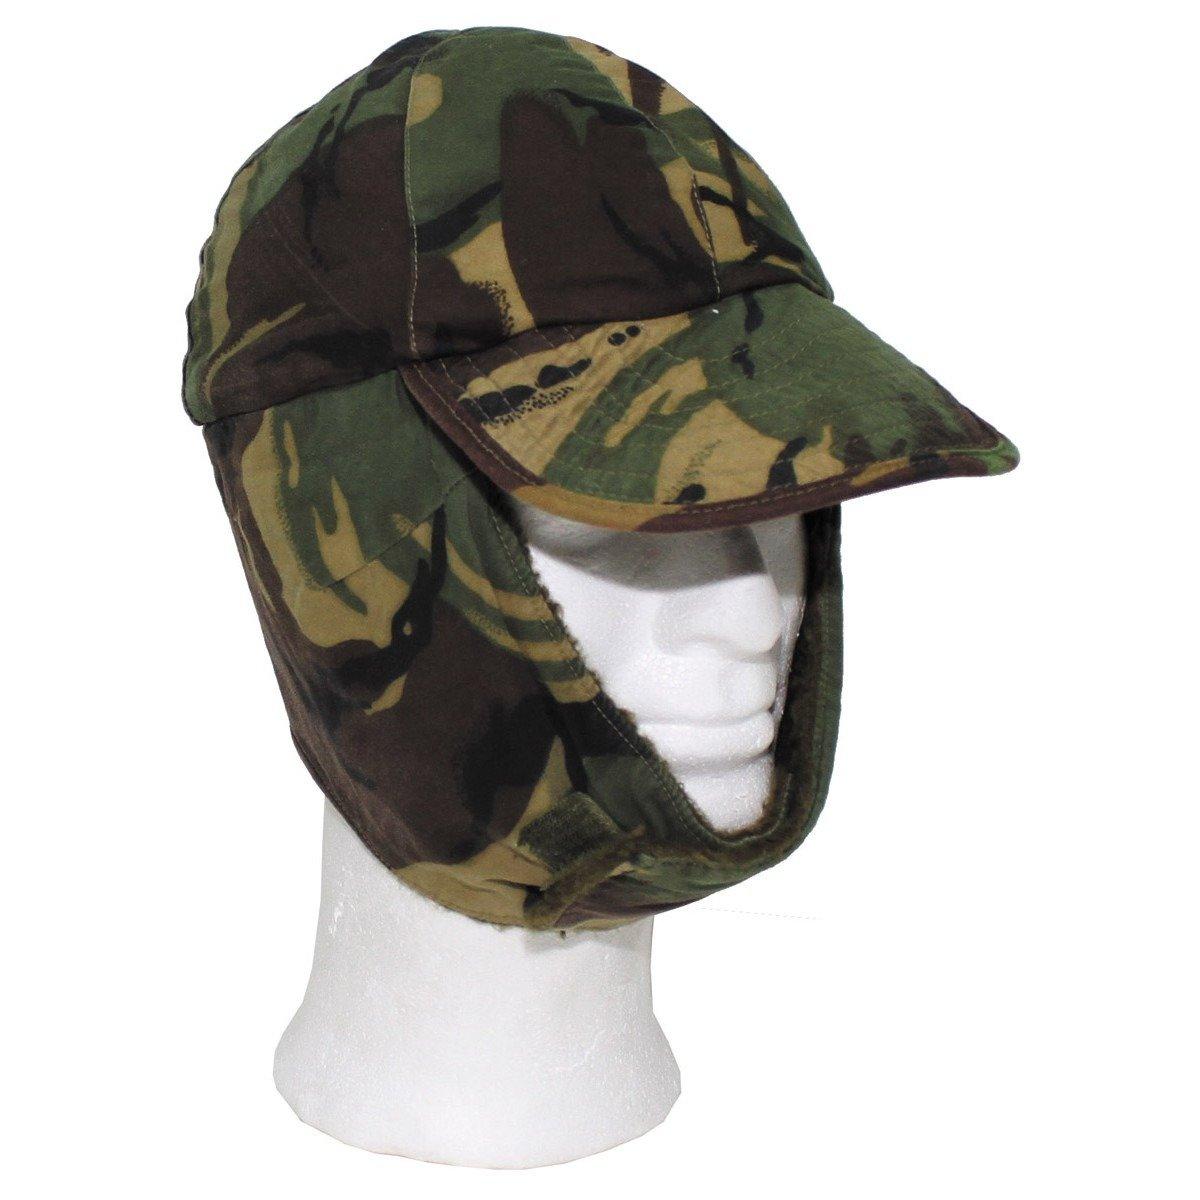 GB Winter Cap, DPM camo, used